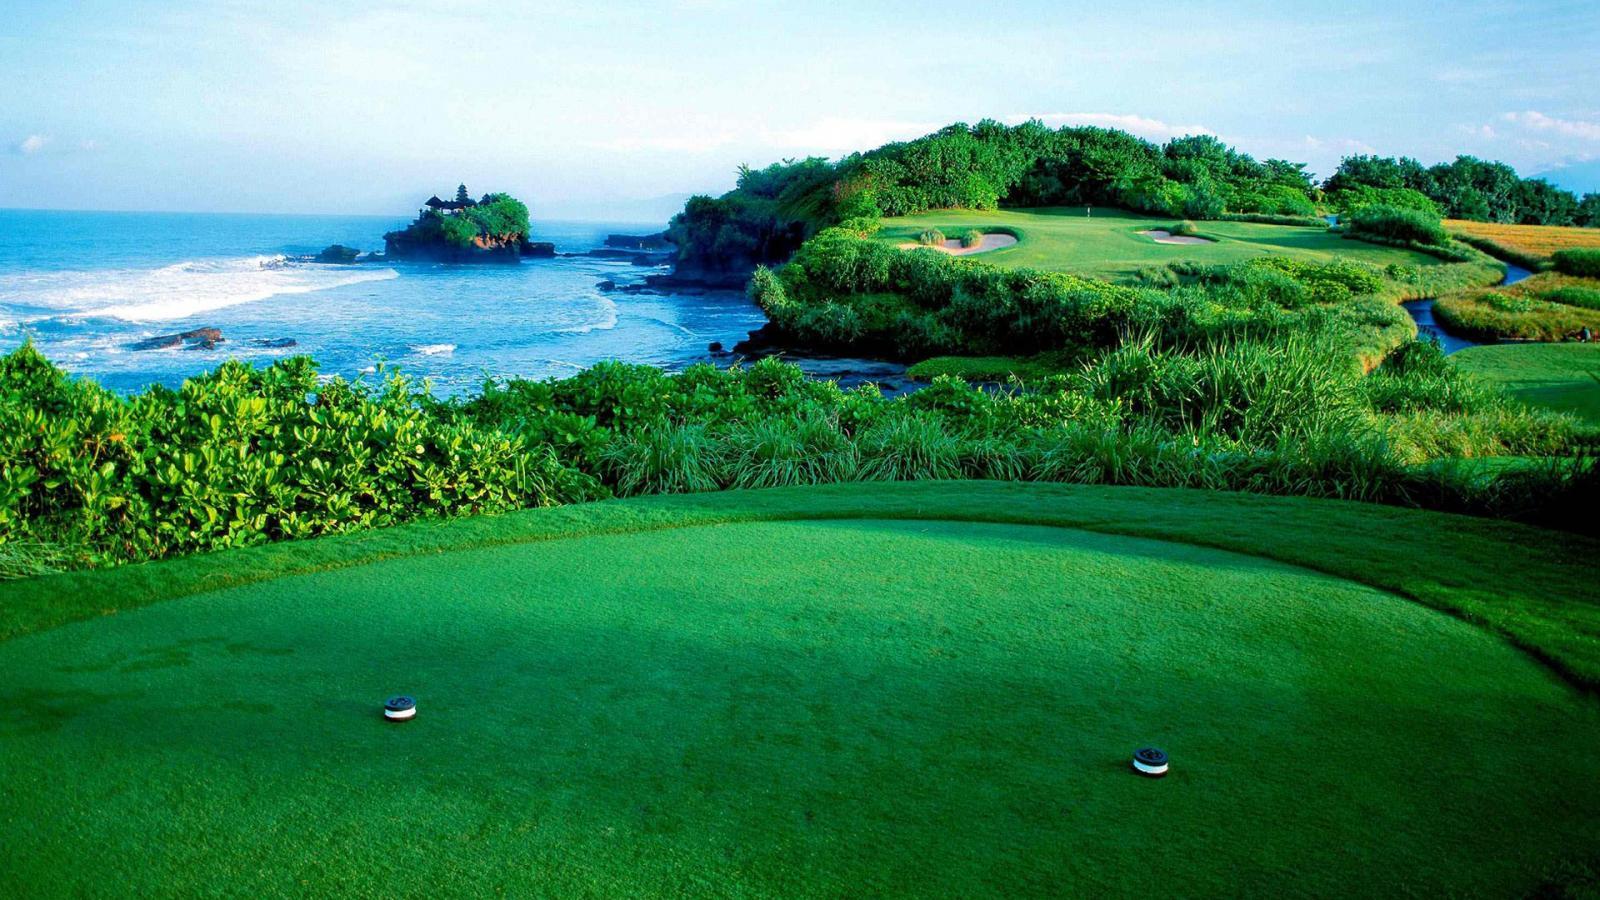 Hd golf wallpaper widescreen wallpapersafari - Golf wallpaper hd ...